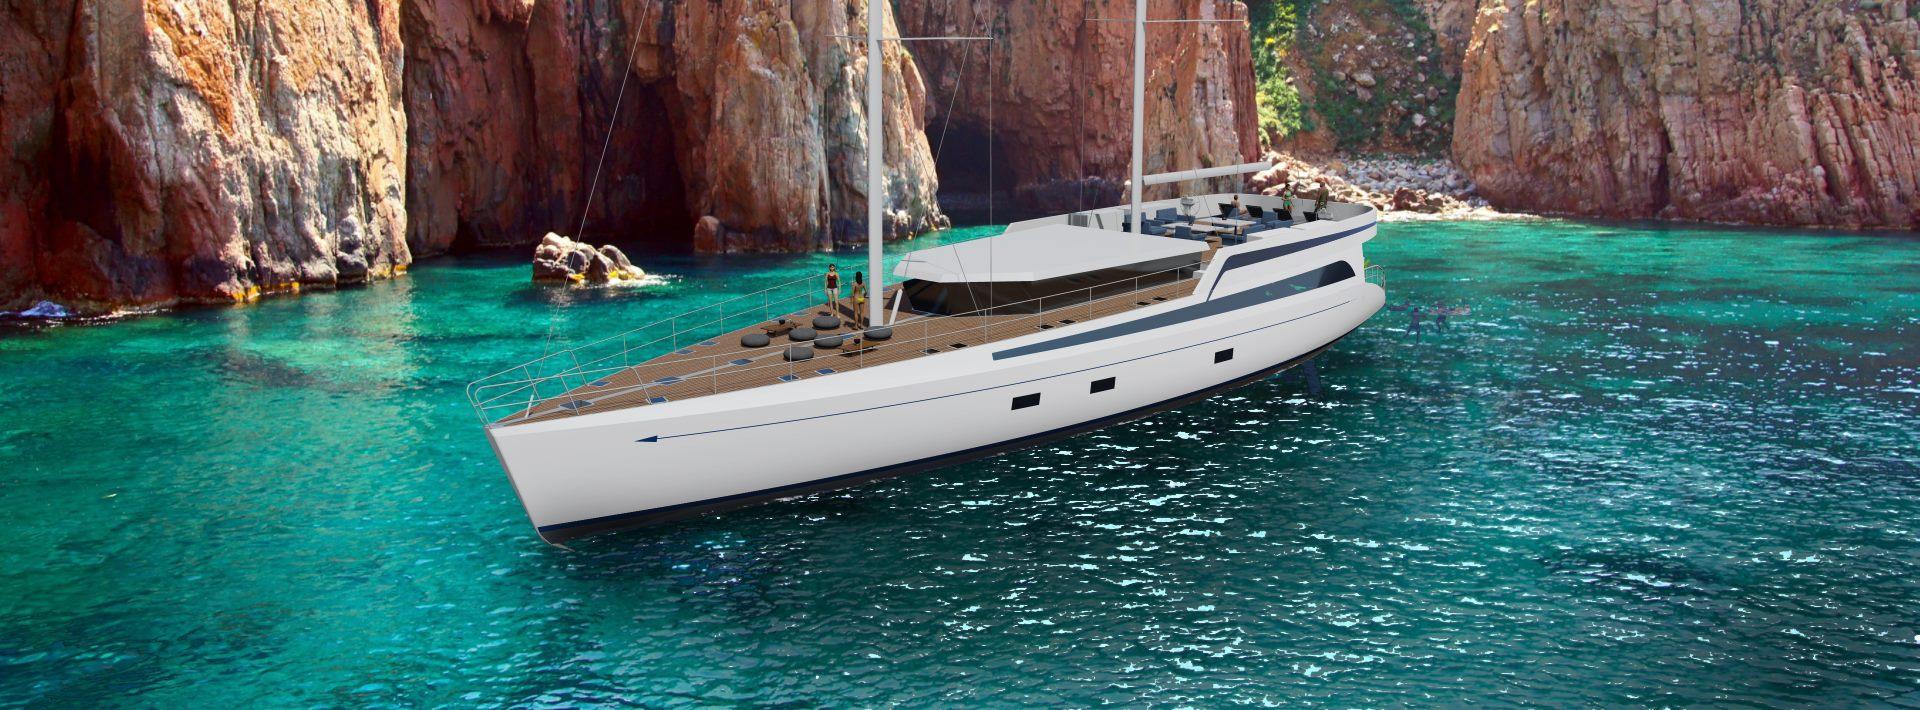 OceanBel 40 Oceanbel 128 Sailing Yacht